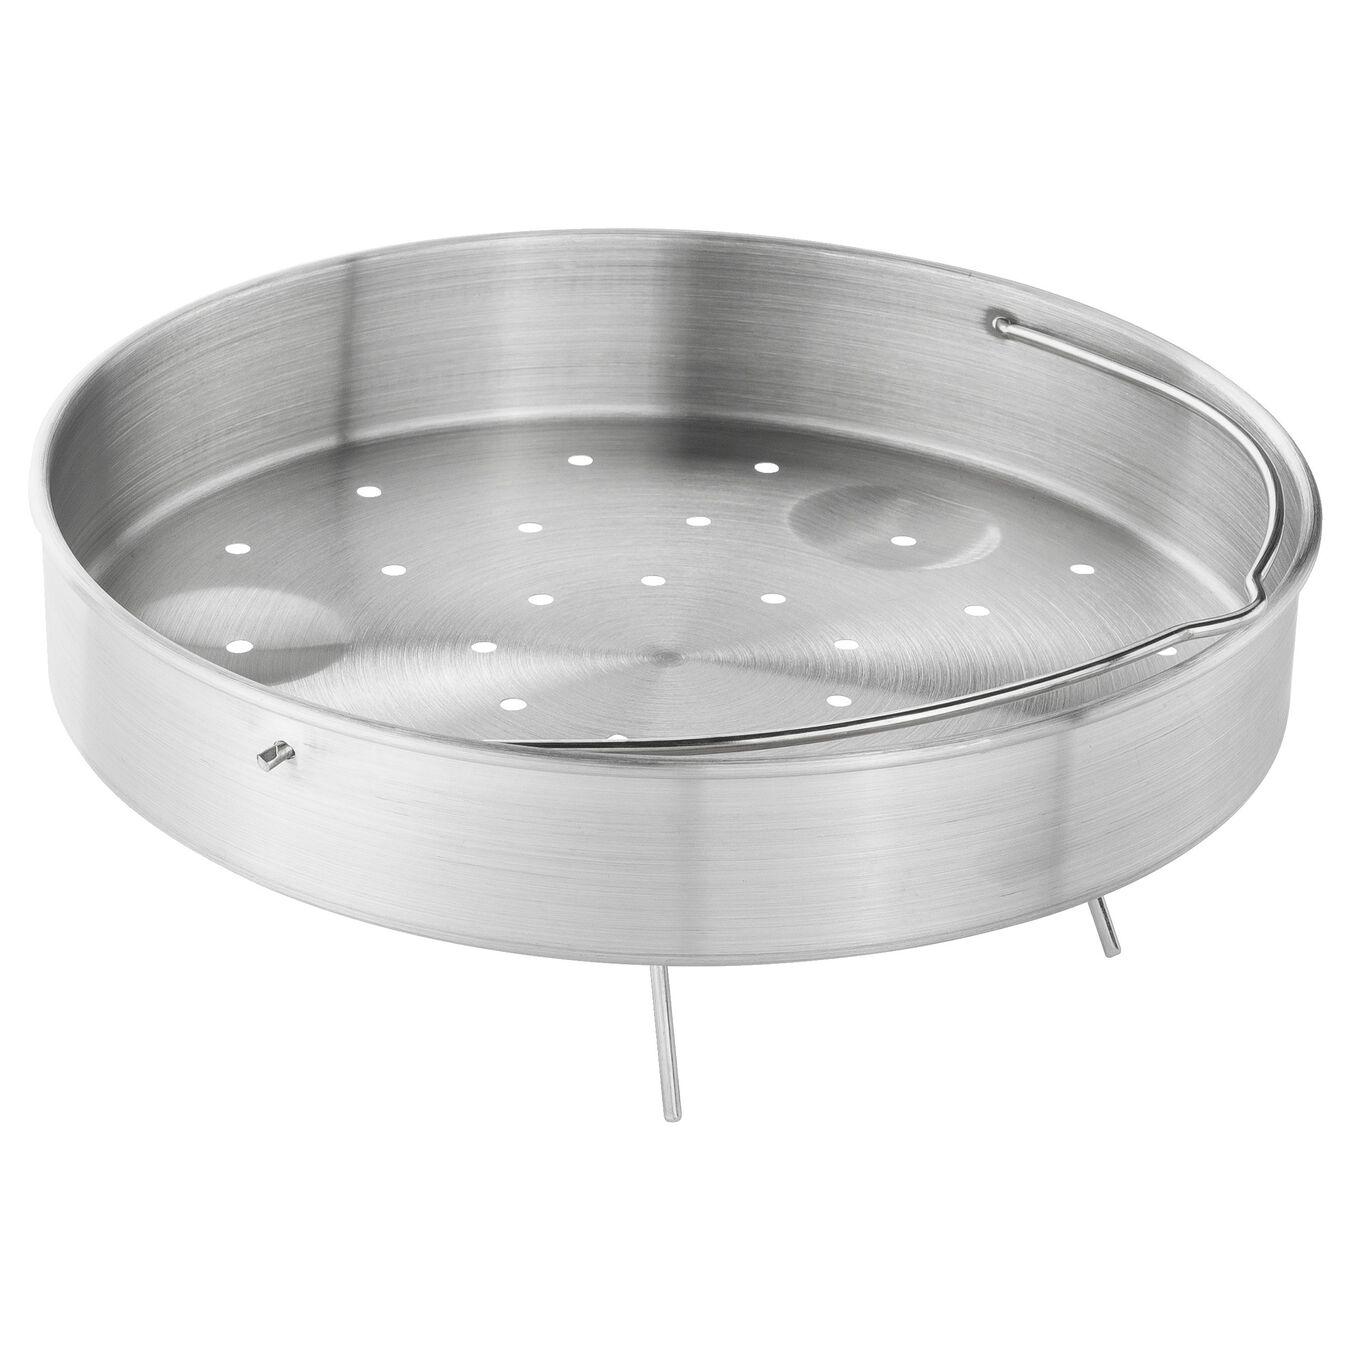 Cestello per cottura a vapore - 22 cm, 18/10 Acciaio inossidabile,,large 2